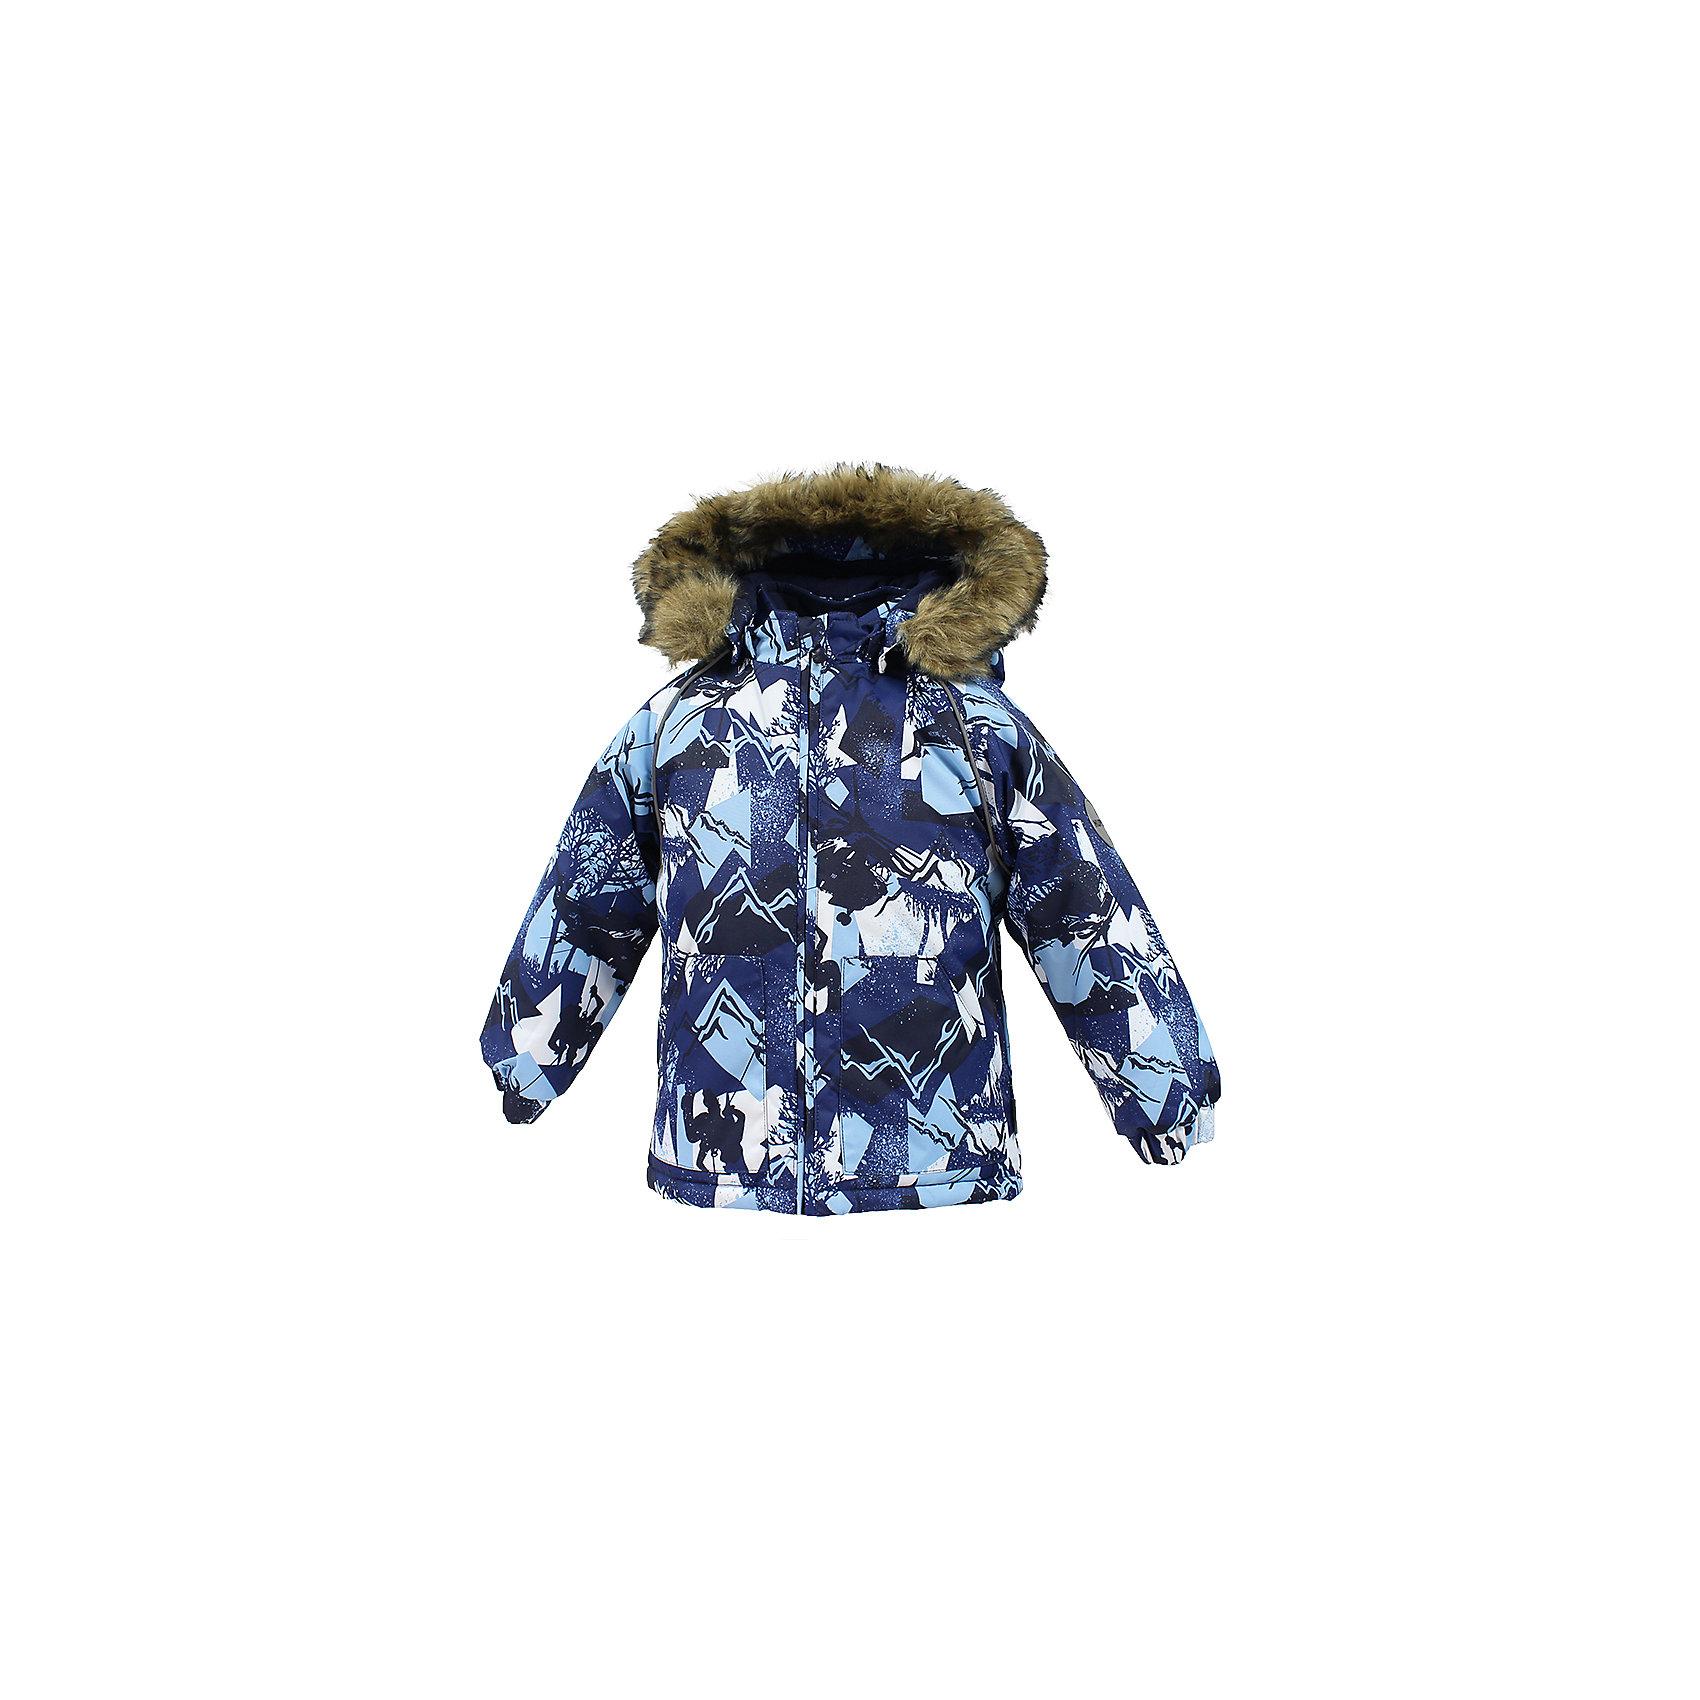 Куртка VIRGO HuppaВерхняя одежда<br>Характеристики товара:<br><br>• цвет: синий;<br>• пол: мальчик;<br>• состав: 100% полиэстер;<br>• утеплитель: полиэстер 300 гр .;<br>• подкладка: фланель 100% хлопок;<br>• сезон: зима;<br>• температурный режим: от -5 до - 30С;<br>• водонепроницаемость: 10000 мм ;<br>• воздухопроницаемость: 10000 г/м2/24ч;<br>• особенности модели: c рисунком; с мехом на капюшоне;<br>• манжеты рукавов эластичные, на резинках;<br>• безопасный капюшон крепится на кнопки и, при необходимости, отстегивается;<br>• мех на капюшоне не съемный;<br>• светоотражающие элементы для безопасности ребенка;<br>• страна бренда: Финляндия;<br>• страна изготовитель: Эстония.<br><br>Зимняя куртка с капюшоном для мальчика. Все швы проклеены и водонепроницаемы, а сама она изготовлена из водо и ветронепроницаемого, грязеотталкивающего материала.<br><br>Съемный капюшон защищает от ветра, к тому же он абсолютно безопасен – легко отстегнется, если вдруг за что-нибудь зацепится. Обратите внимание: куртку можно сушить в сушильной машине. Зимняя куртка на молнии для мальчика декорирована рисунком.<br><br>Зимнюю куртку Virgo для мальчика фирмы HUPPA  можно купить в нашем интернет-магазине.<br><br>Ширина мм: 356<br>Глубина мм: 10<br>Высота мм: 245<br>Вес г: 519<br>Цвет: синий<br>Возраст от месяцев: 12<br>Возраст до месяцев: 18<br>Пол: Унисекс<br>Возраст: Детский<br>Размер: 86,92,98,104,80<br>SKU: 7027264